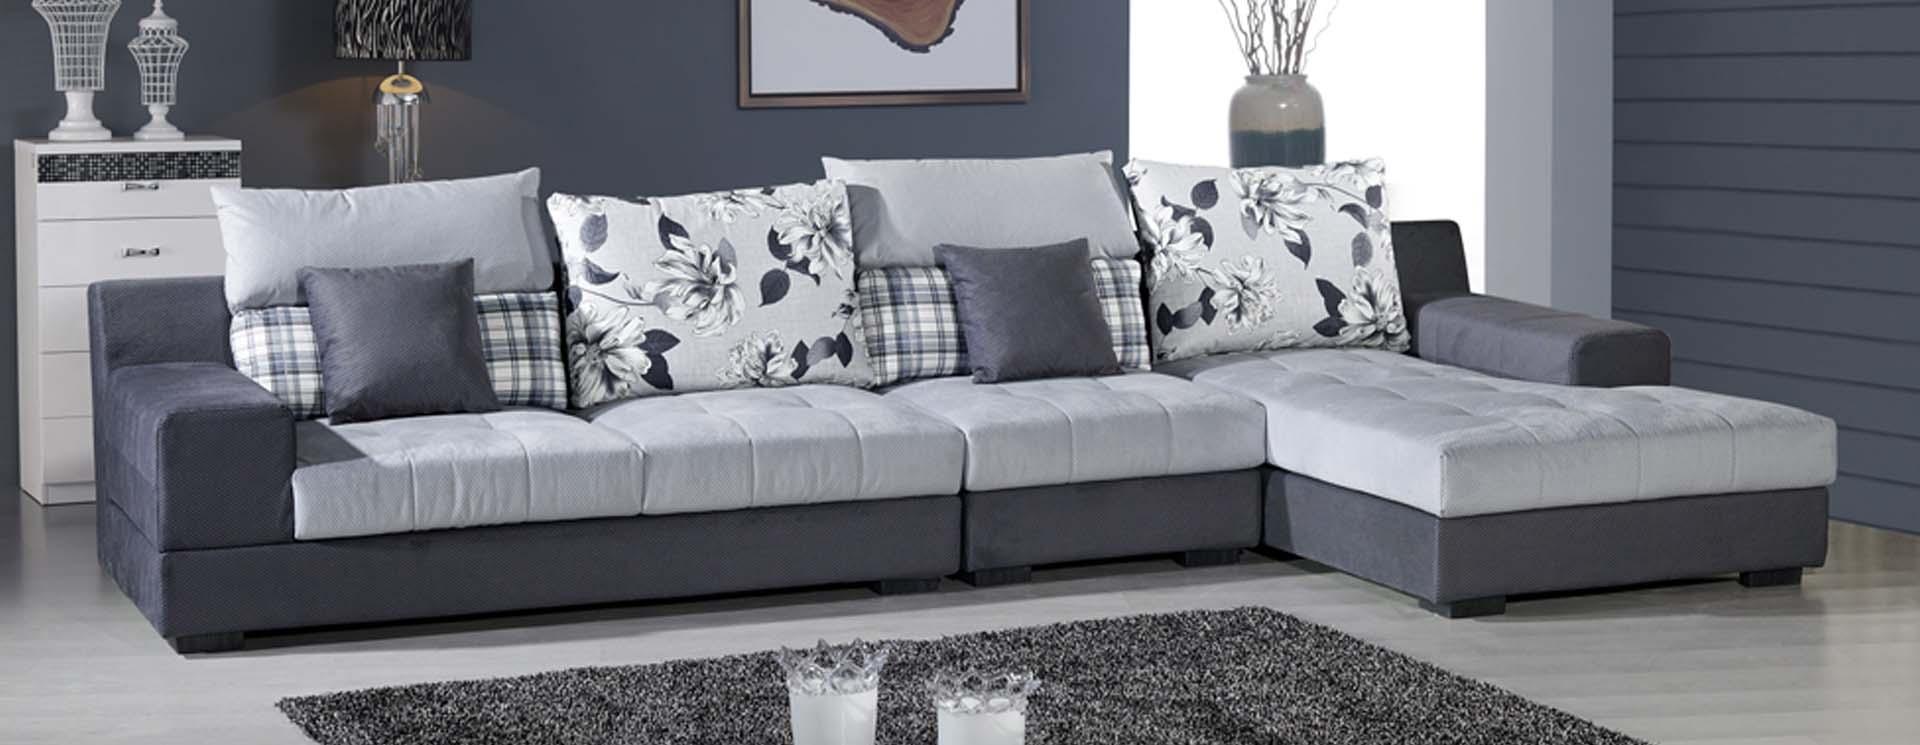 名称:沙发E-637#A<br/> 市场价:<font style='color:#999;text-decoration:line-through;'>¥0</font><br />全国统一零售价:<font color='Red'>¥0.0</font>